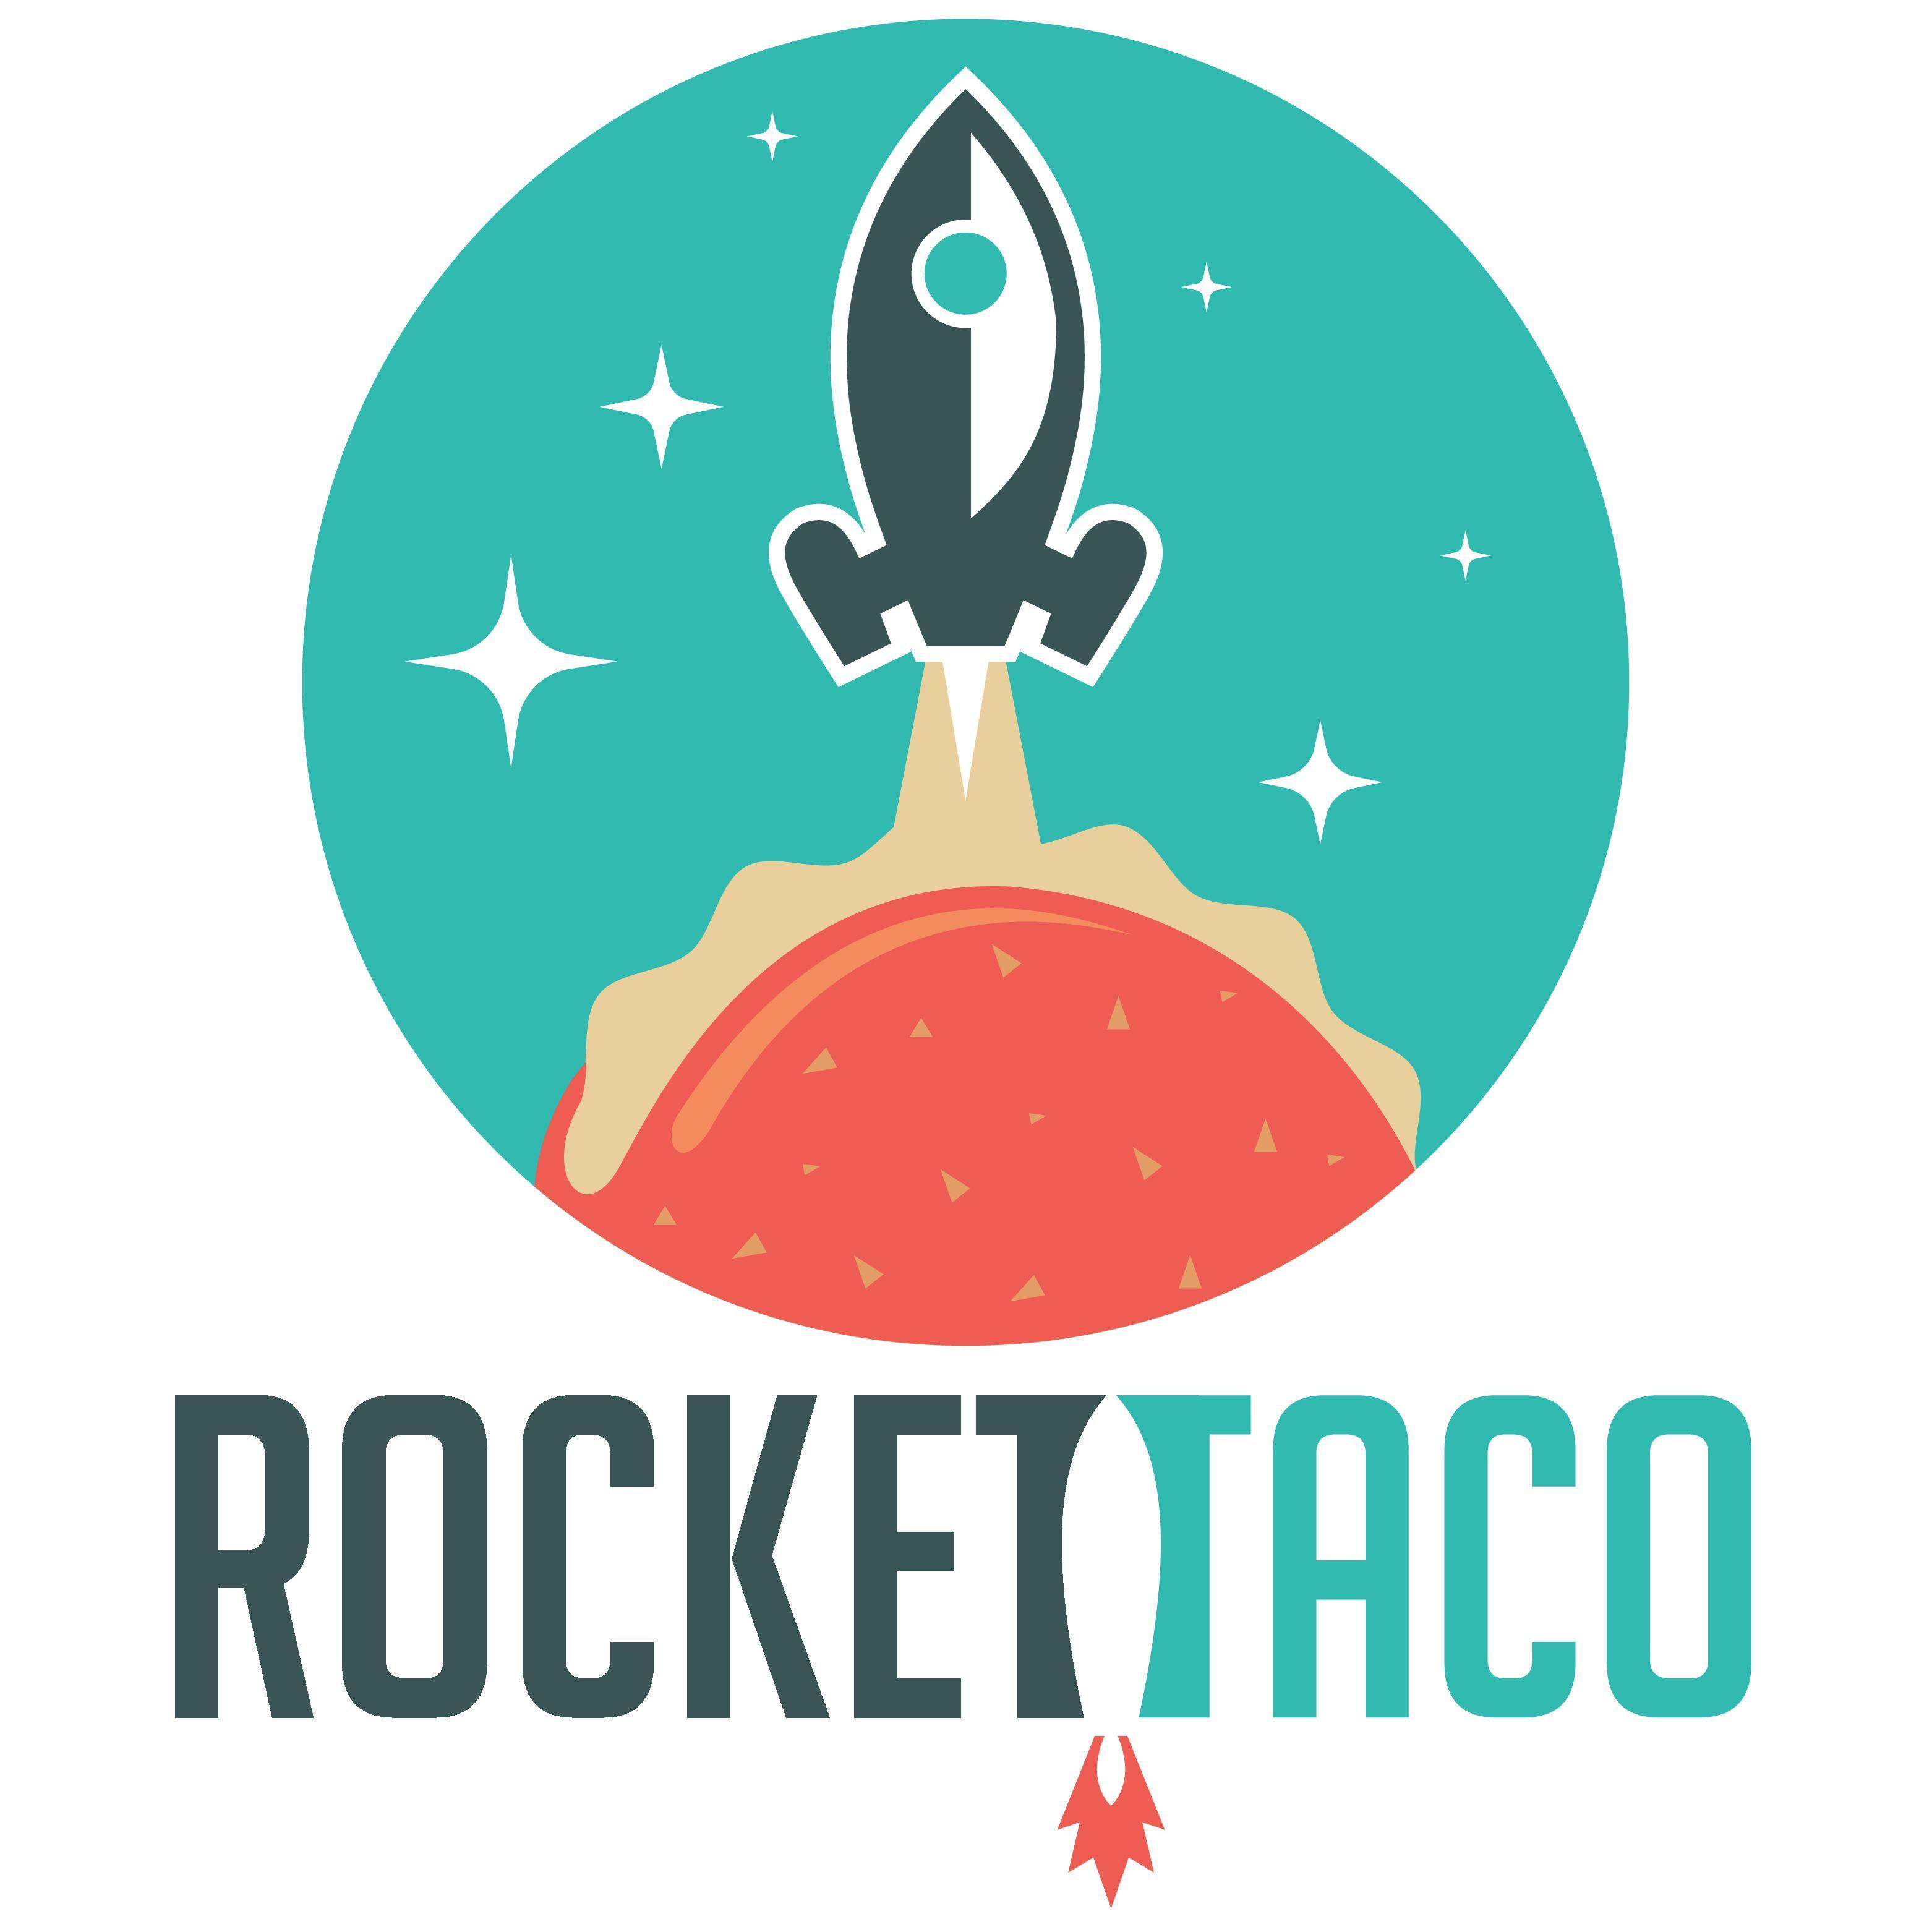 Rocket Taco